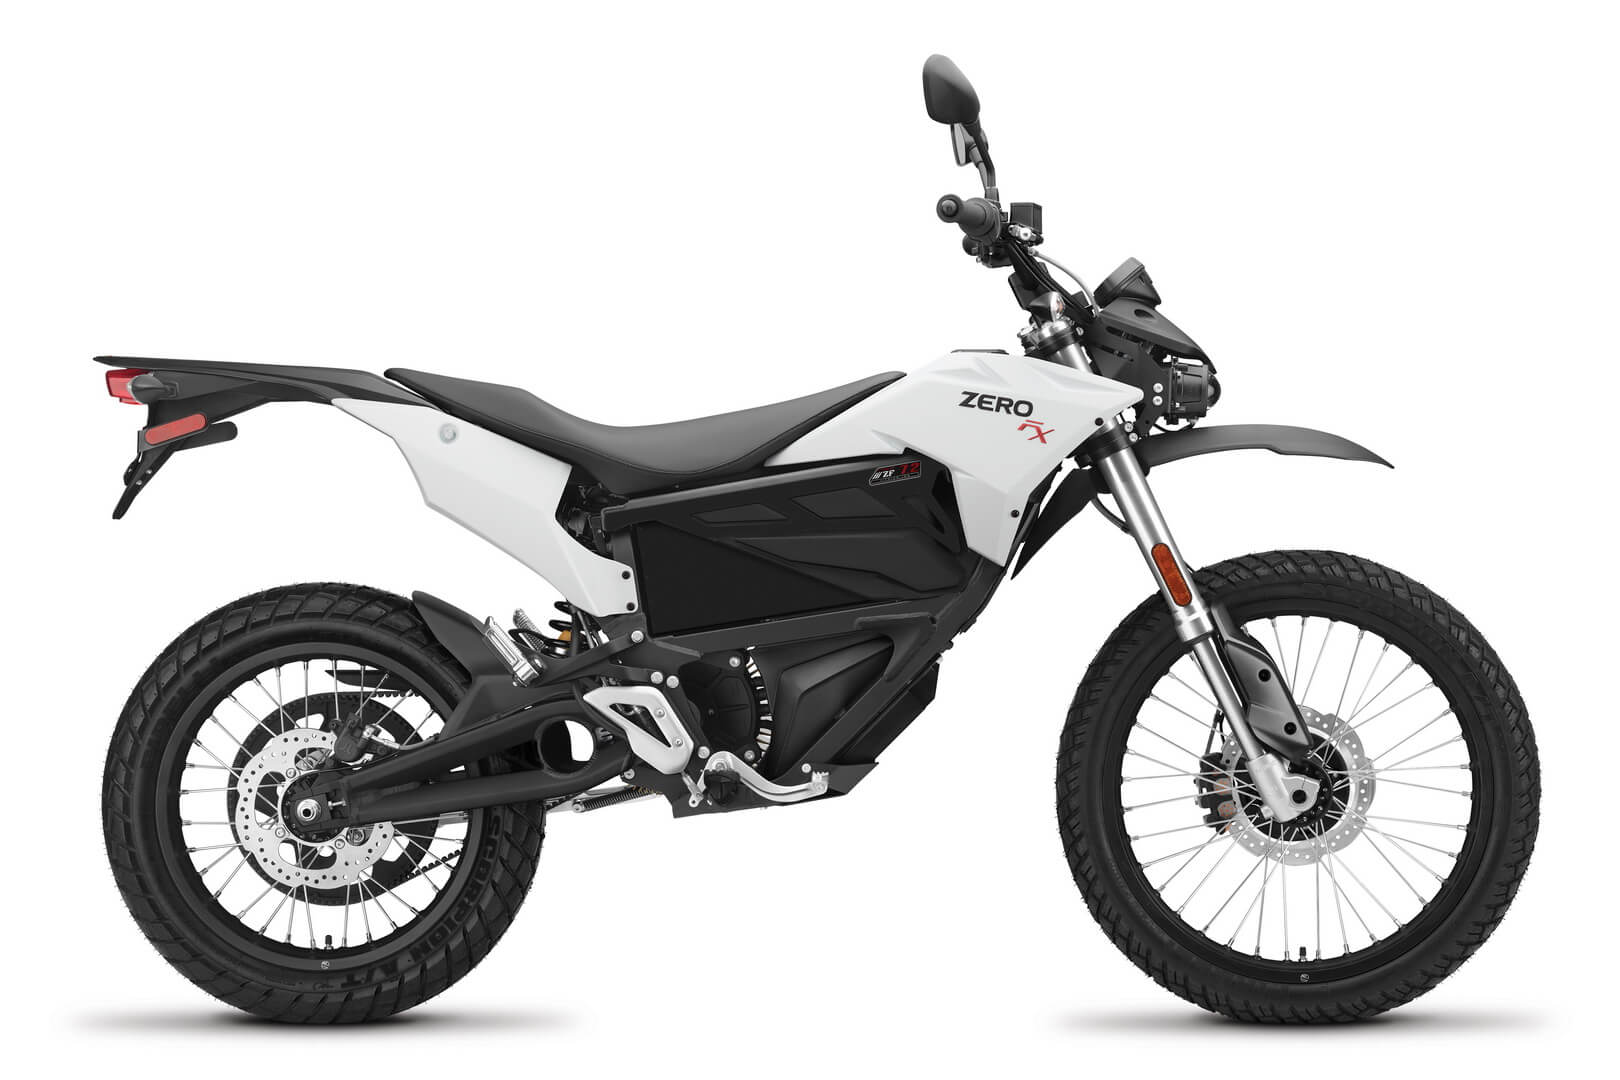 Электромотоцикл Zero FX